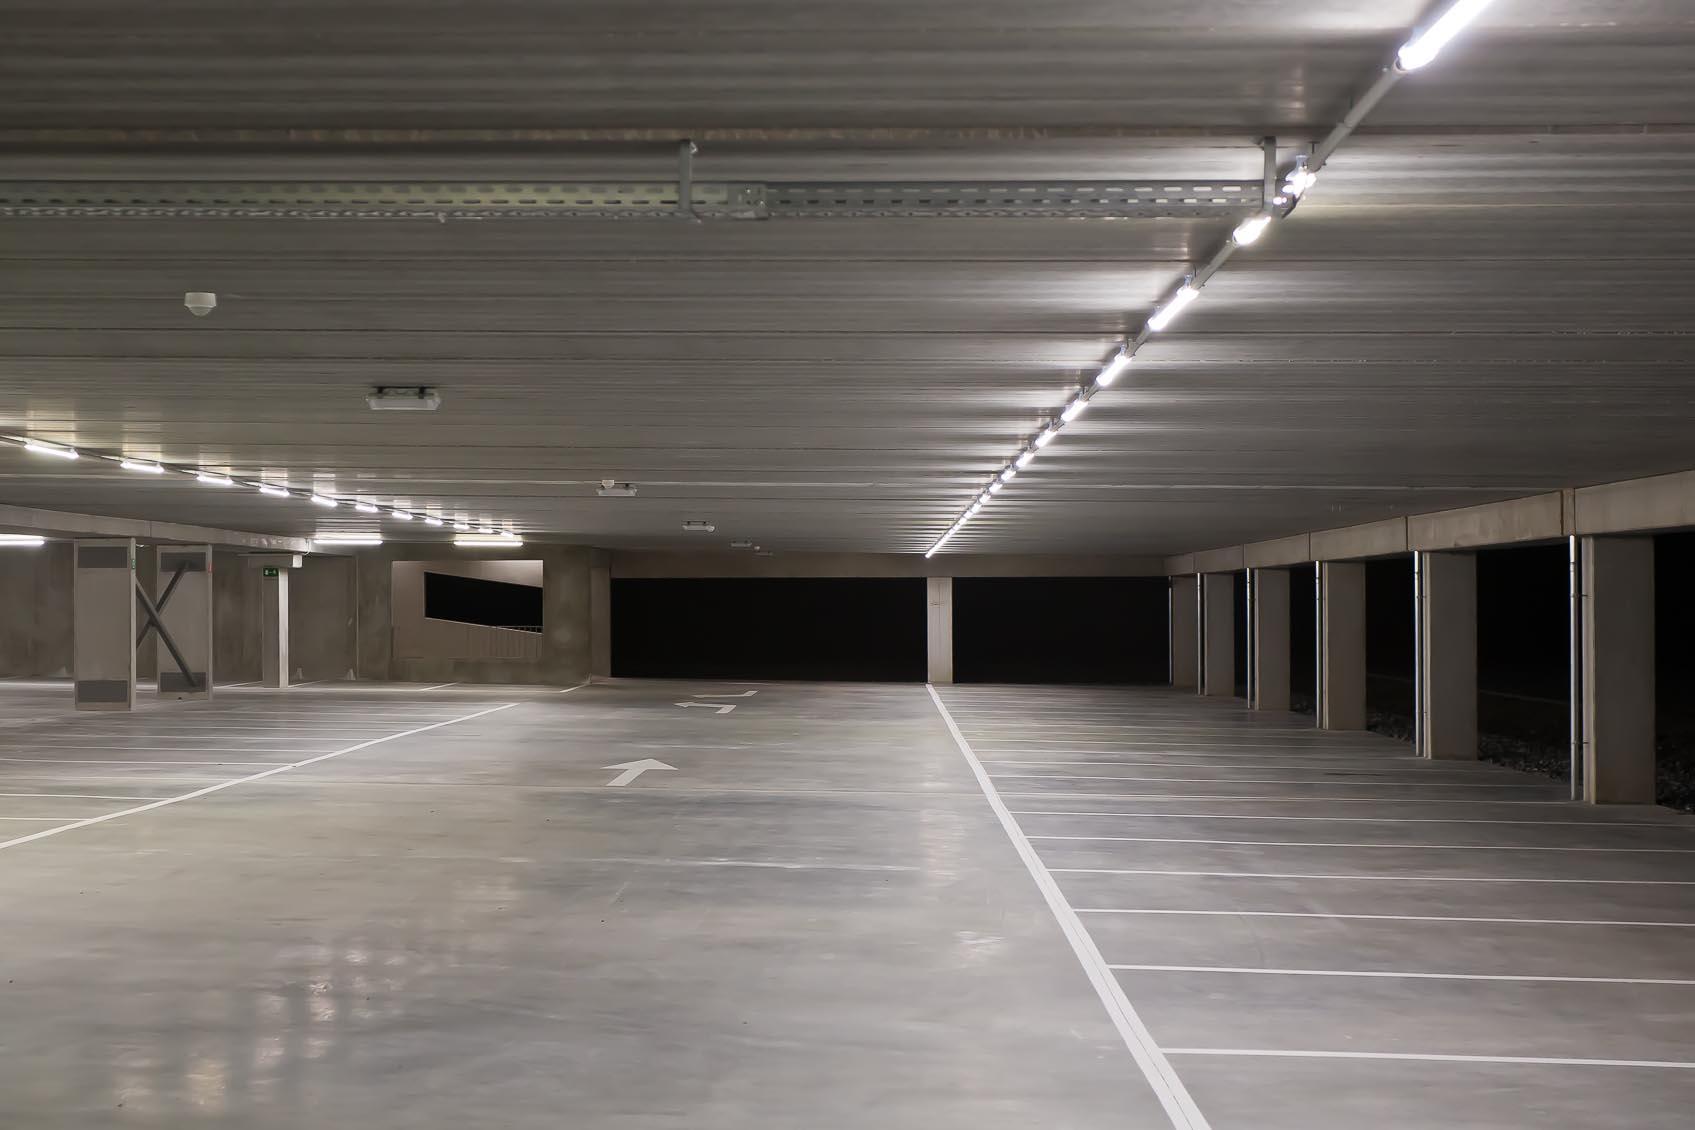 lichtlijn ledverlichting garage